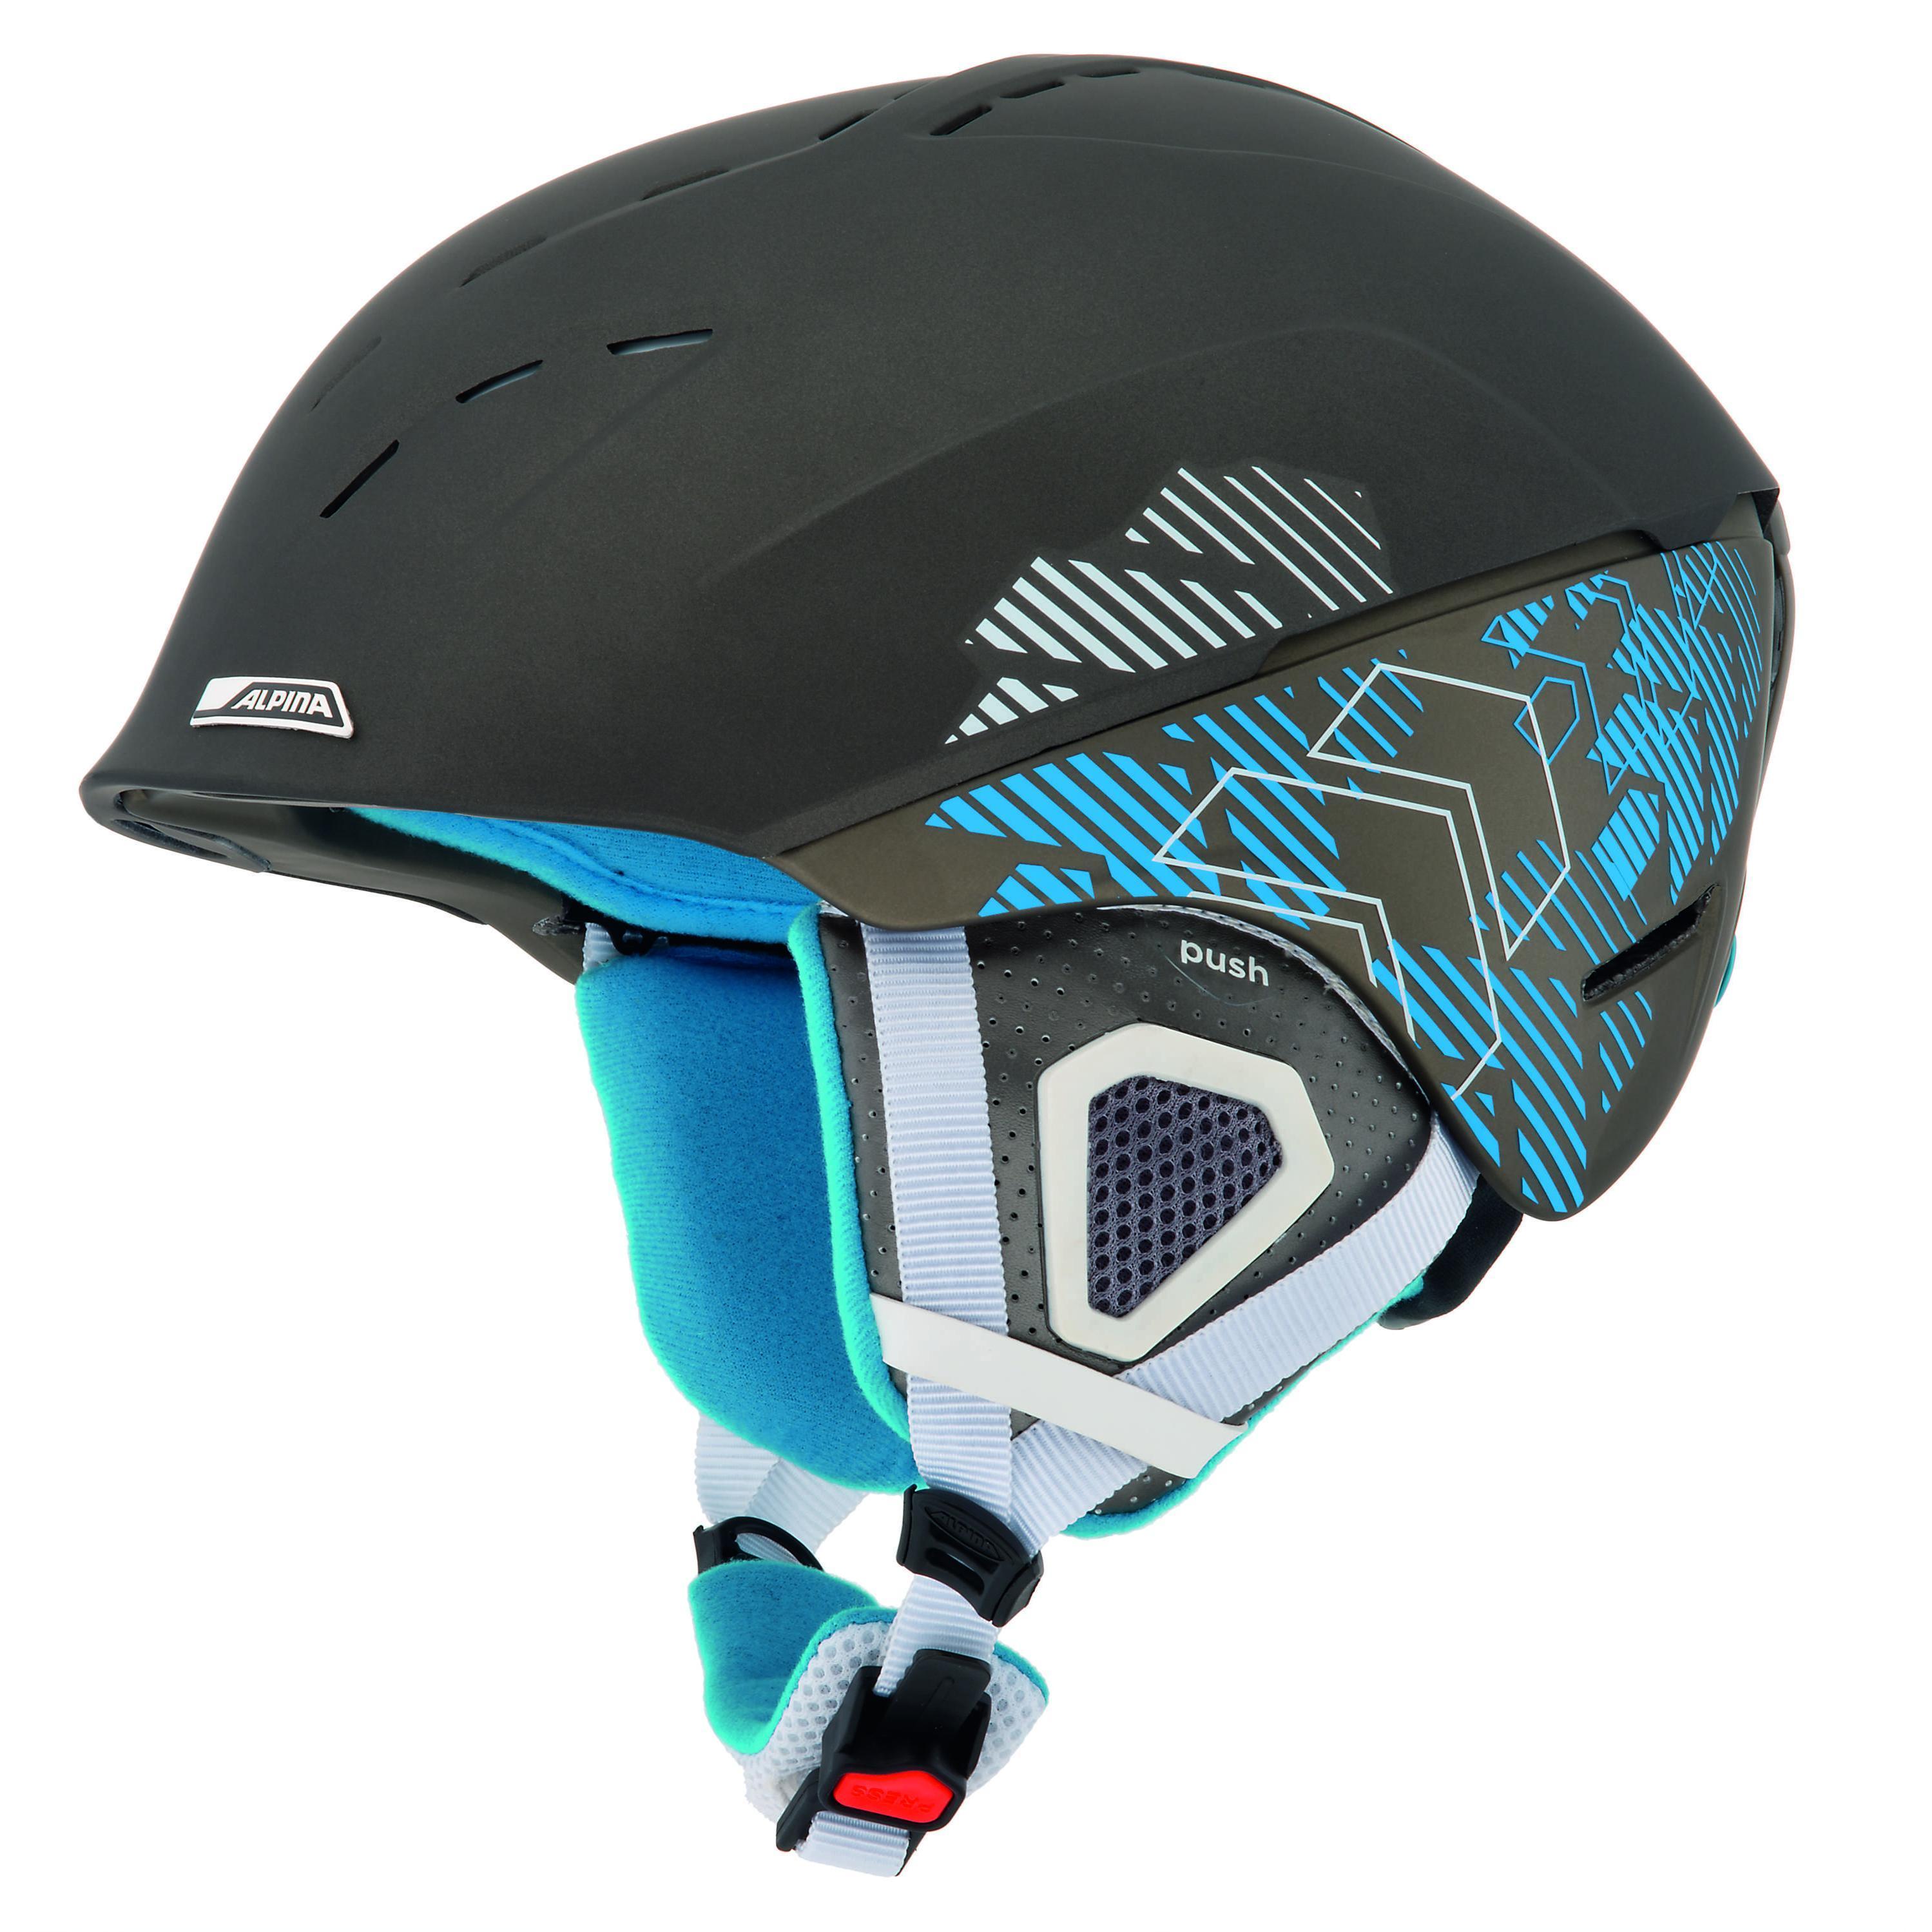 Купить Зимний Шлем Alpina SPICE, Шлемы для горных лыж/сноубордов, 1131160